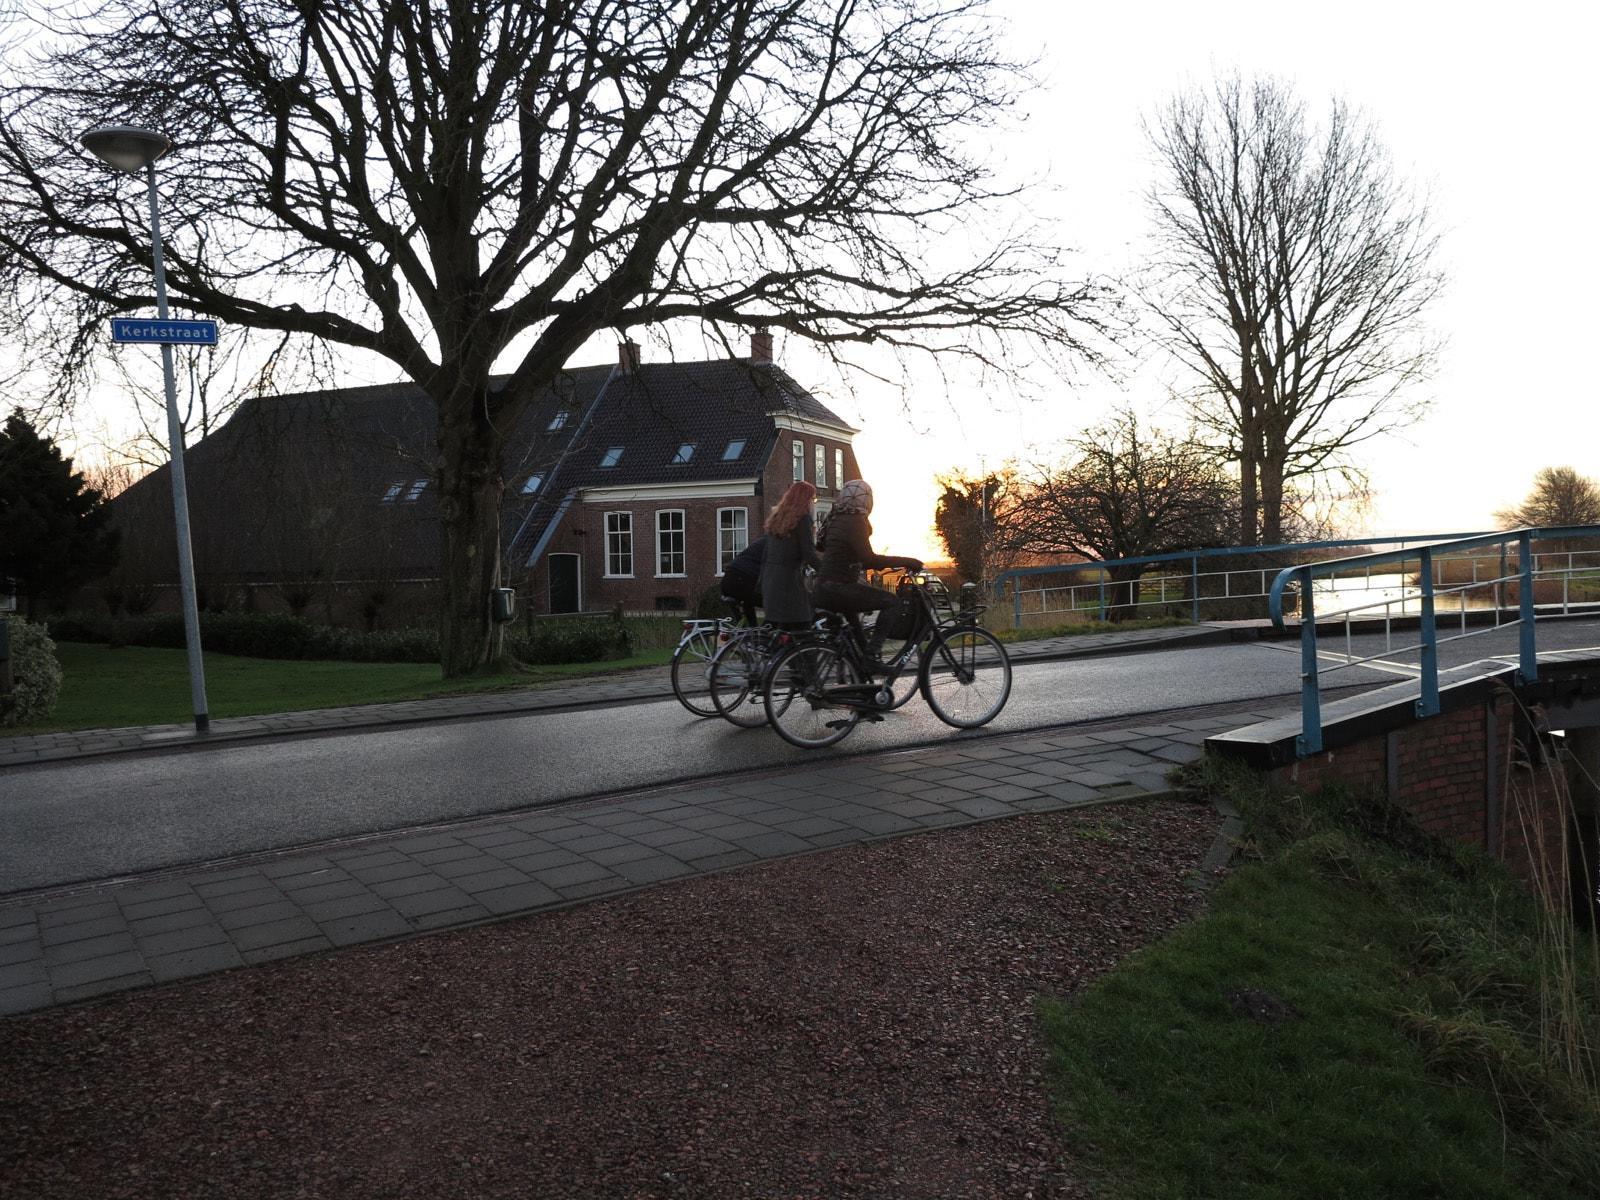 et-fiets-en-fietser-07-vriendinnen-oi.jpg